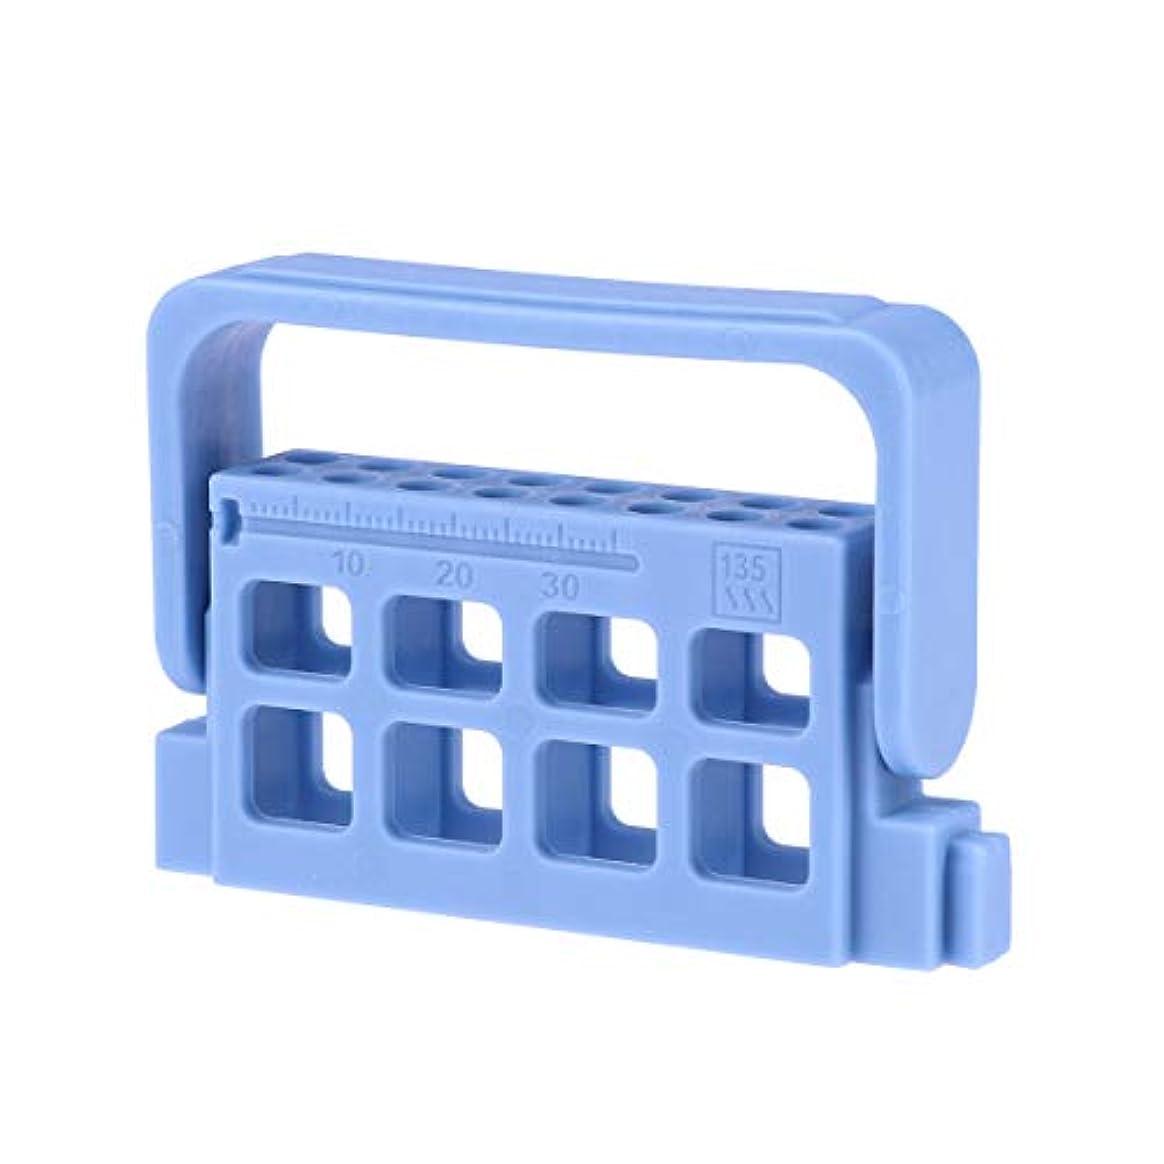 なんとなくフィット着陸HEALLILY 歯科用測定ファイルホルダー口腔根管洗浄スタンド付き測定スケール臨床用具(青)